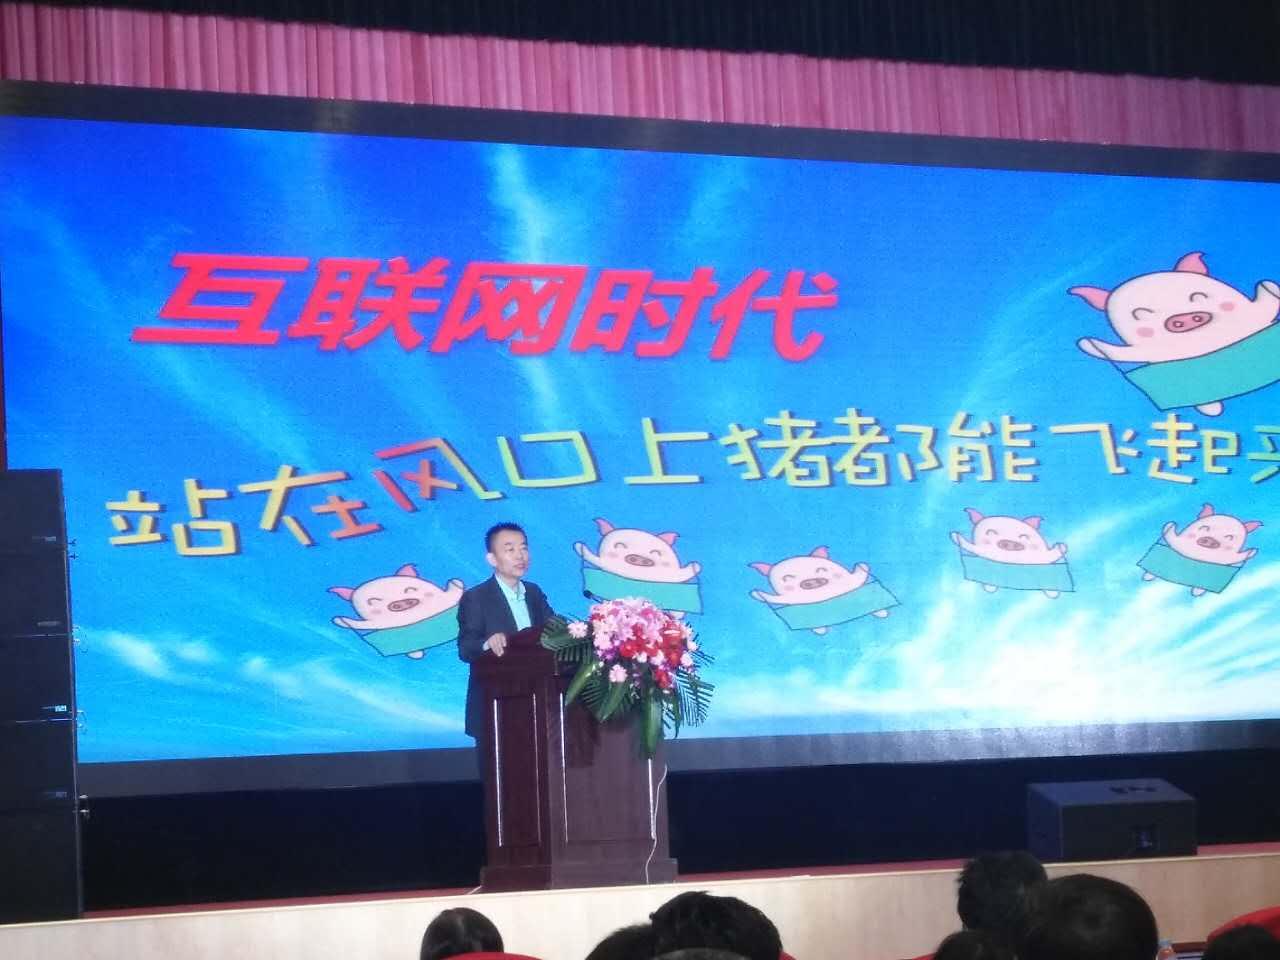 """易销互联网科技负责人出席东方地产研究院成立大会-""""新兴地产""""引发热议"""